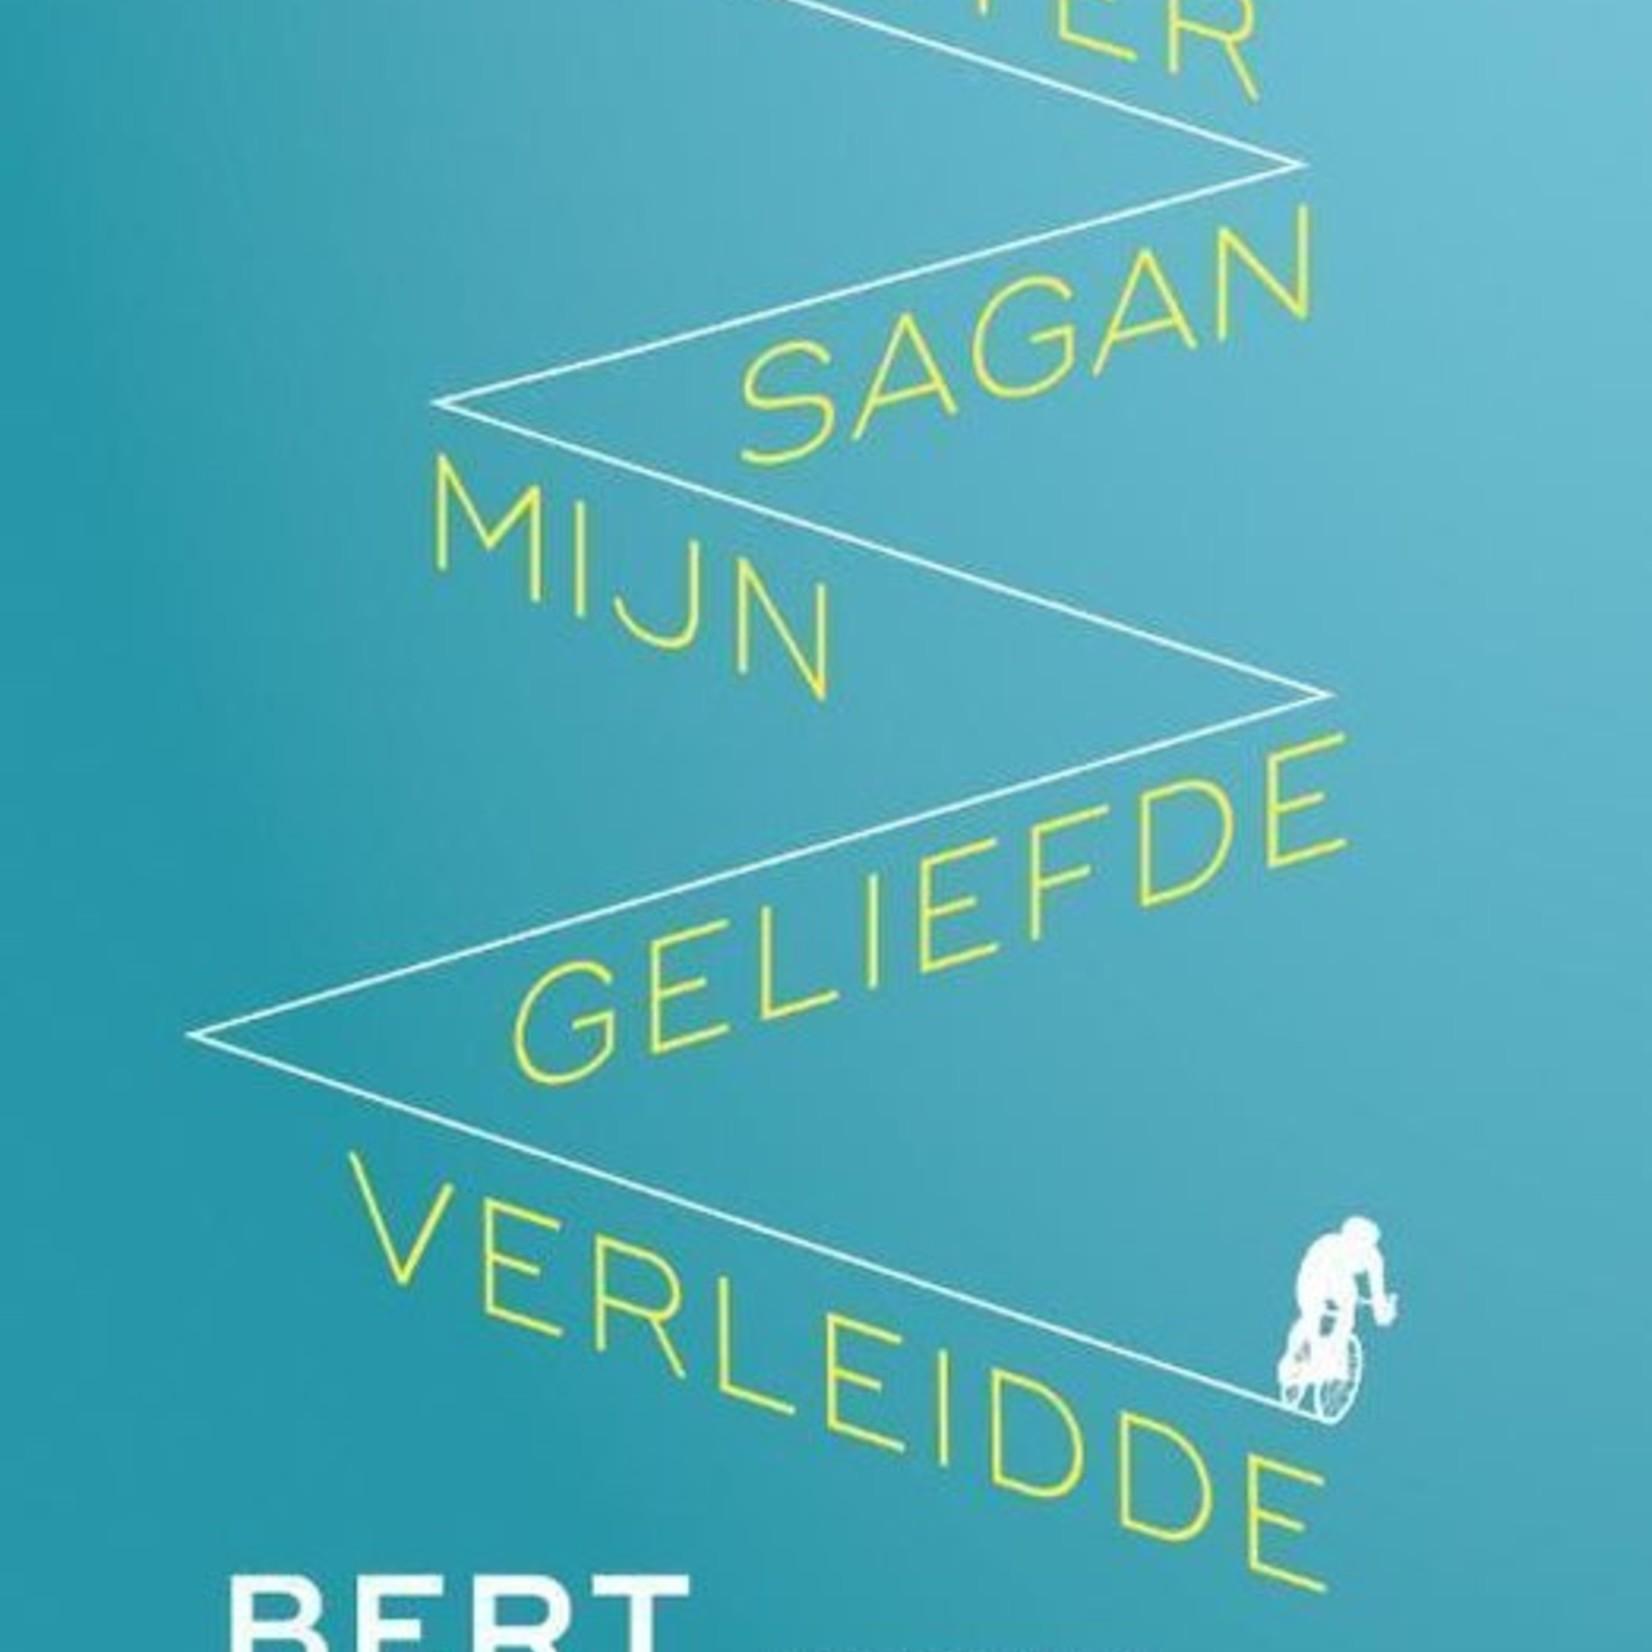 Book 'Hoe Peter Sagan mijn geliefde verleidde' (NED)